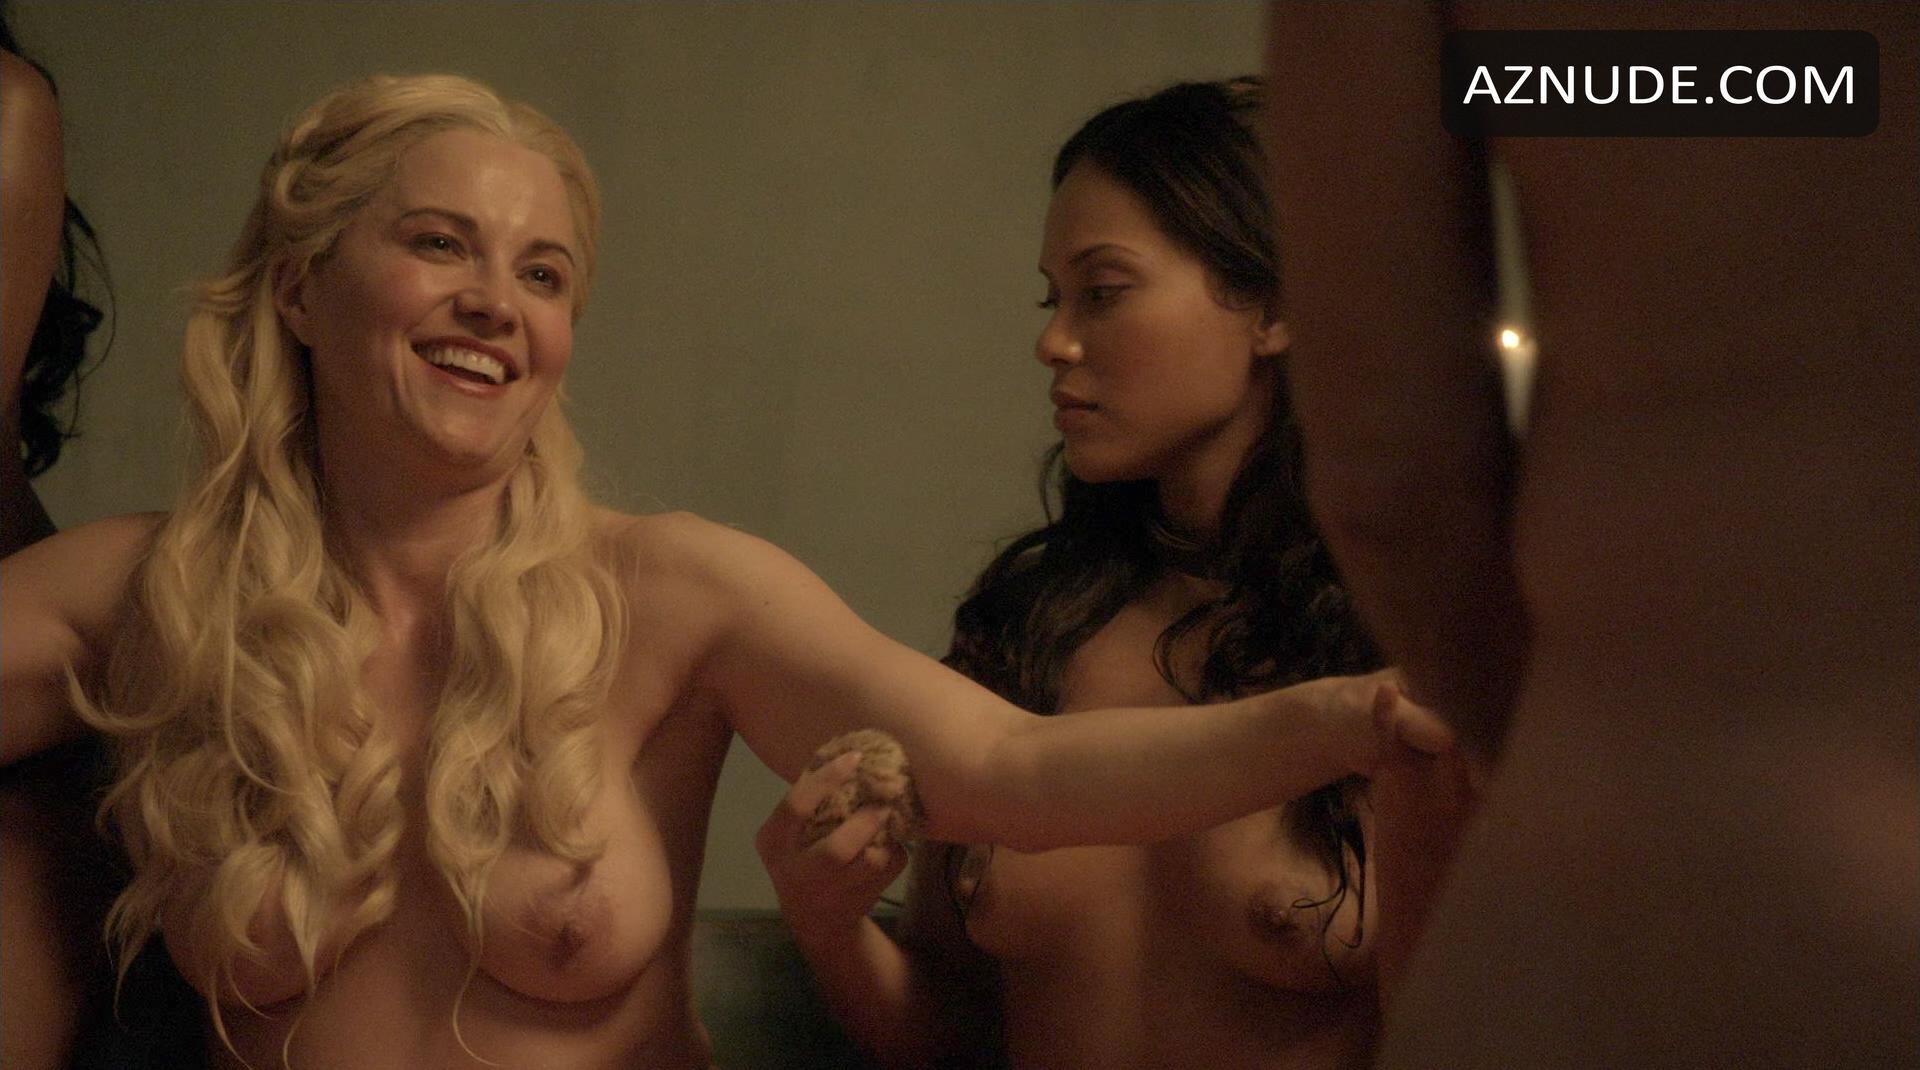 lesley-ann brandt nude